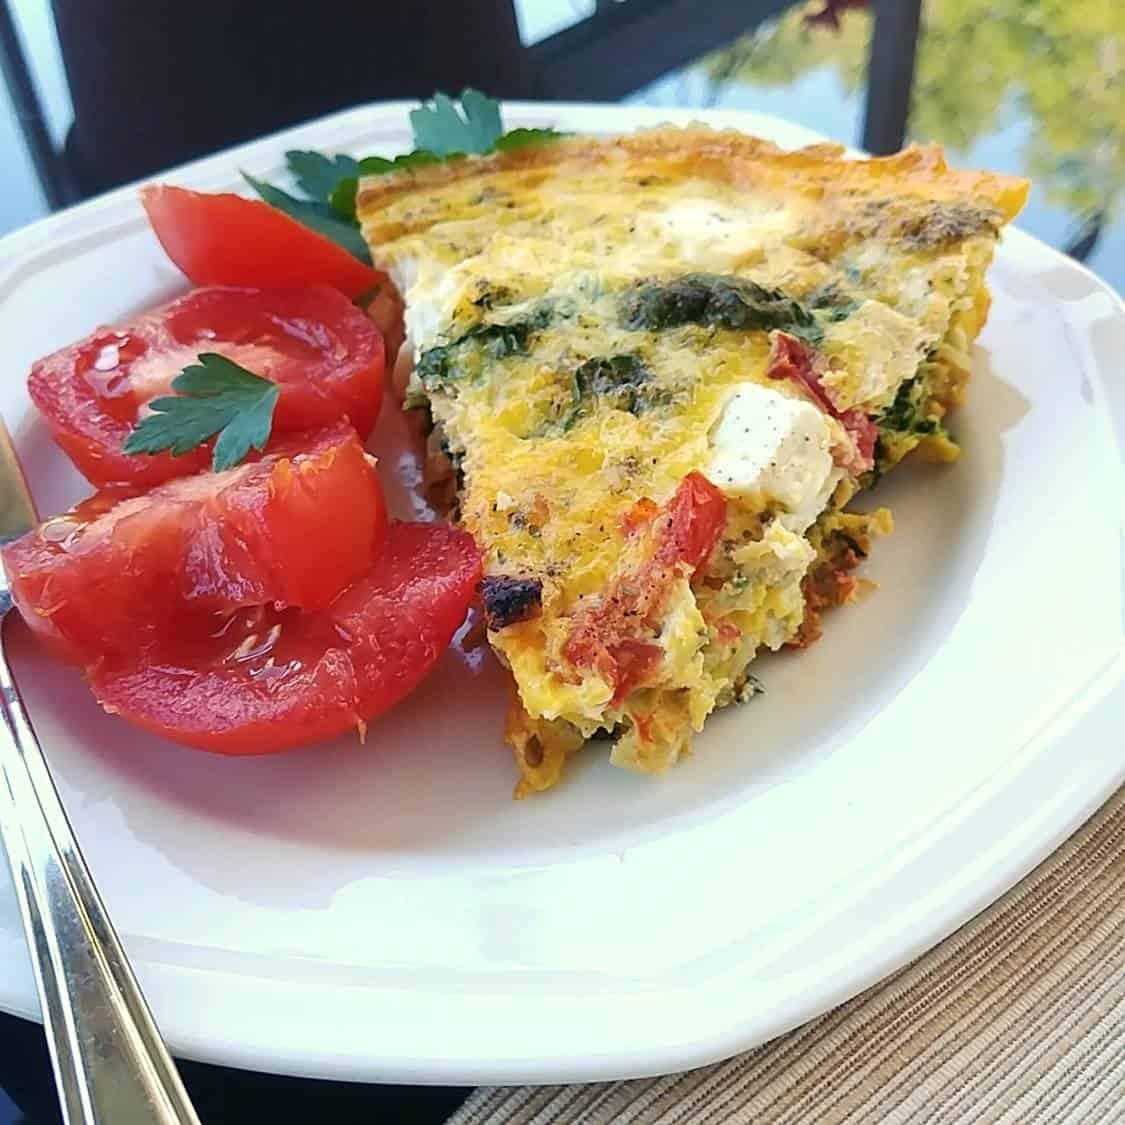 Photo d'une pointe découpée de l'omelette servie avec tomates et persil plat.